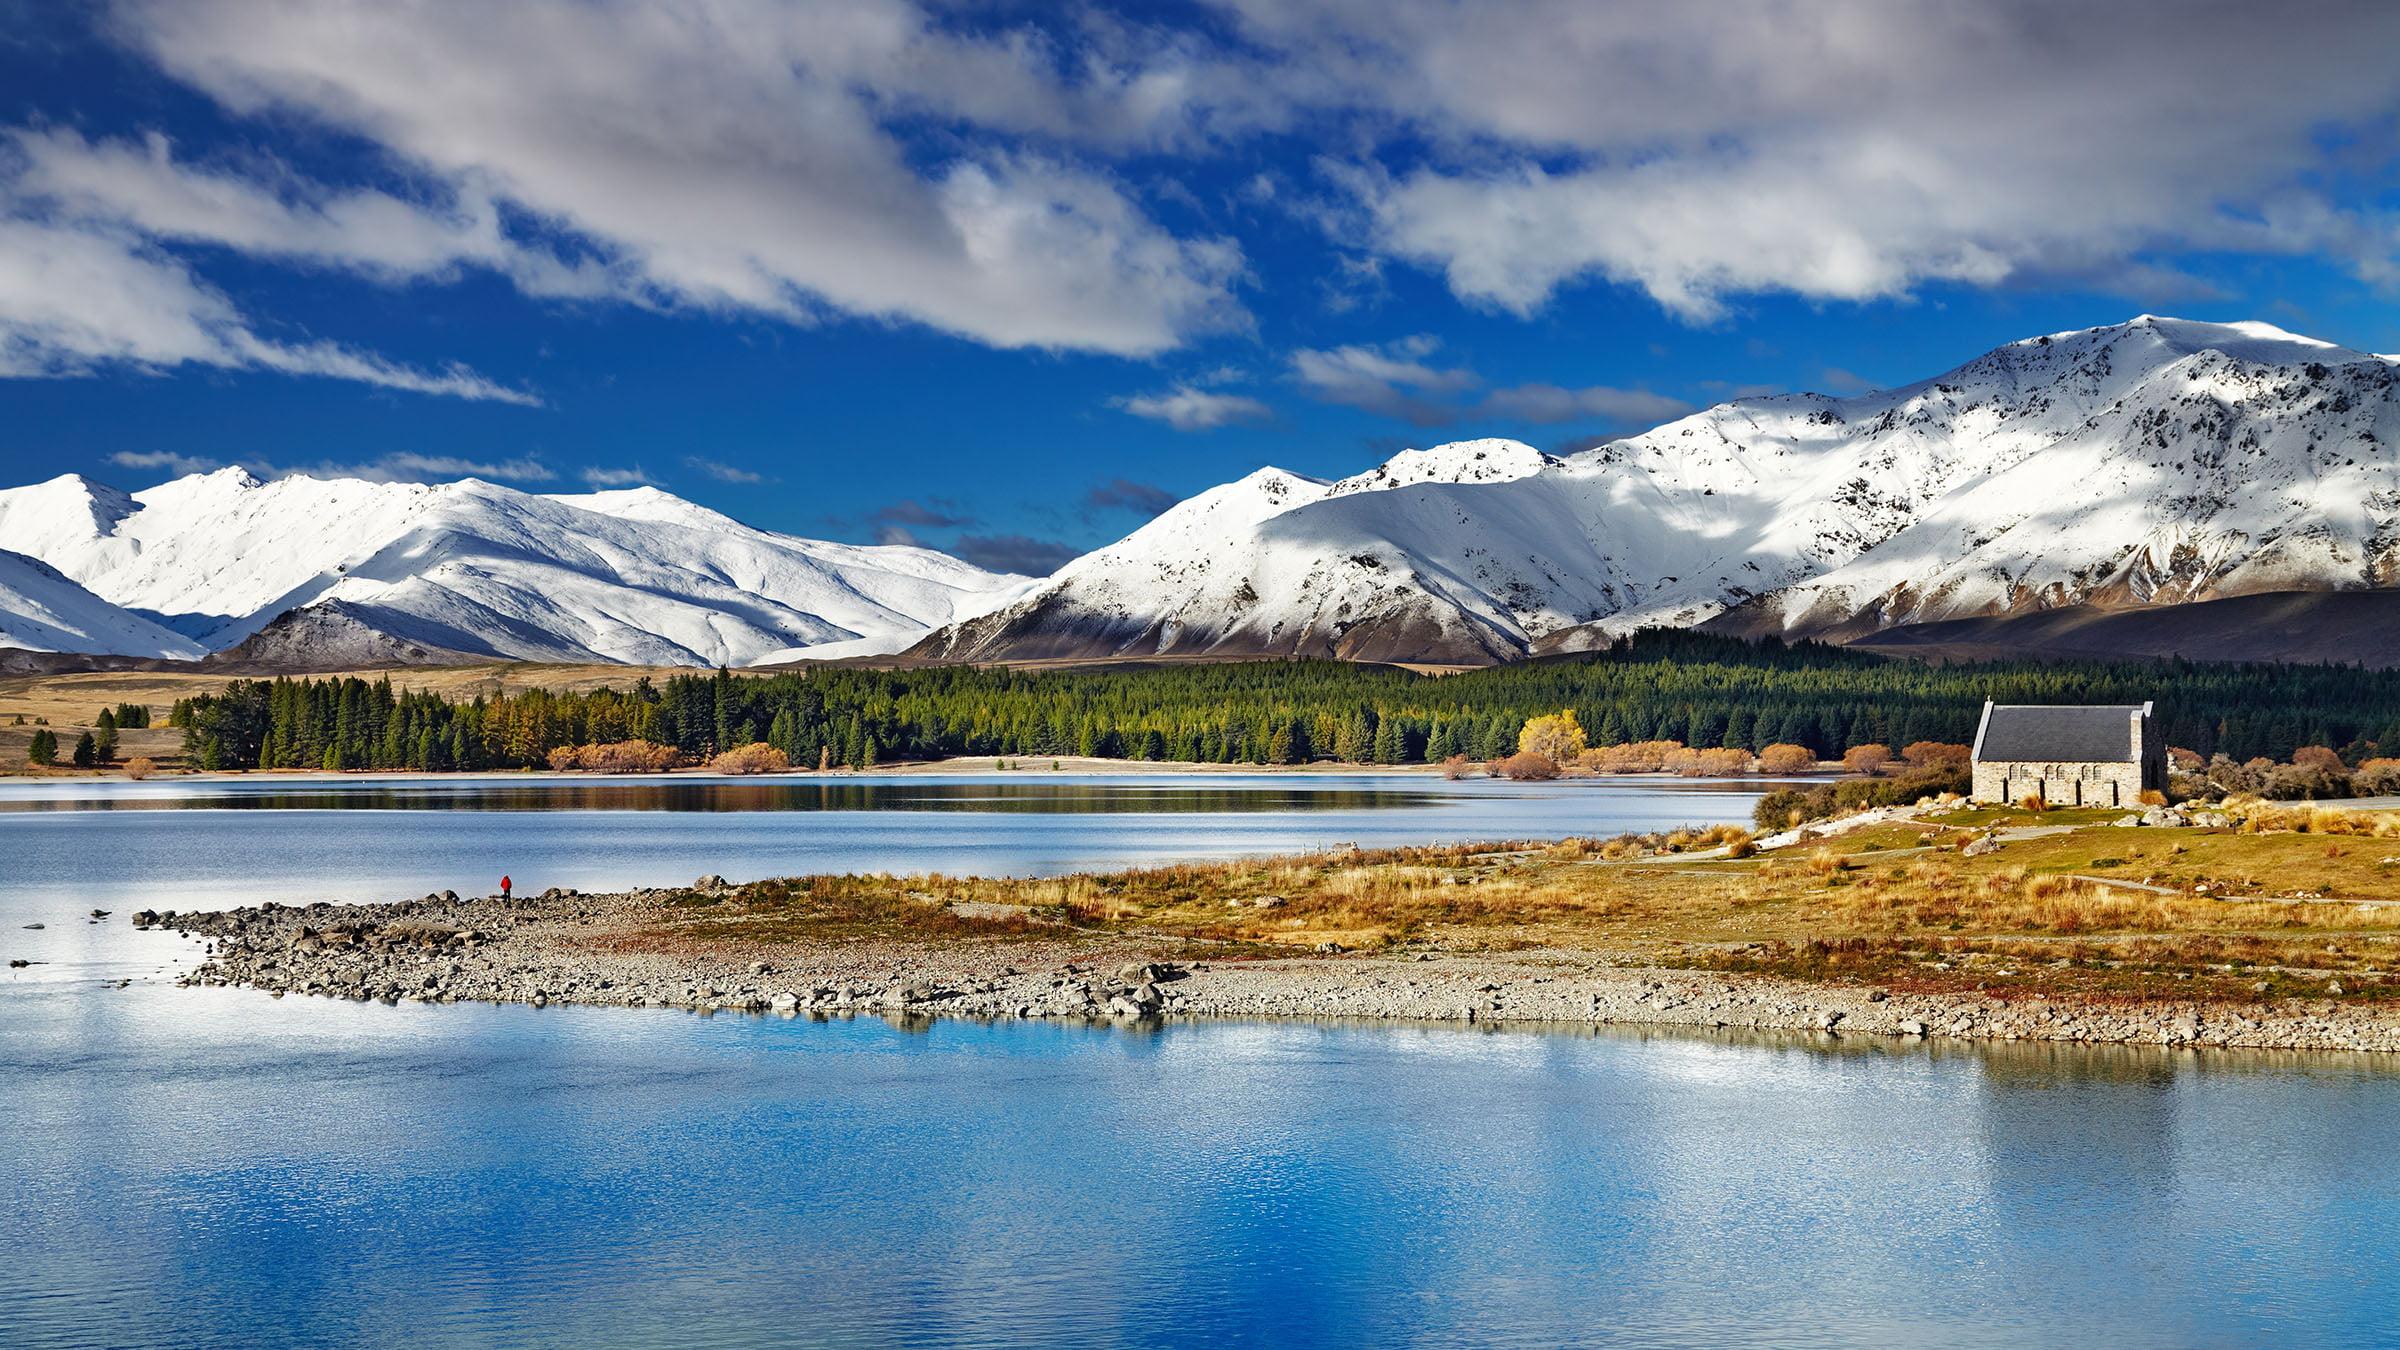 lago tekapo en la isla sur de nueva zelanda